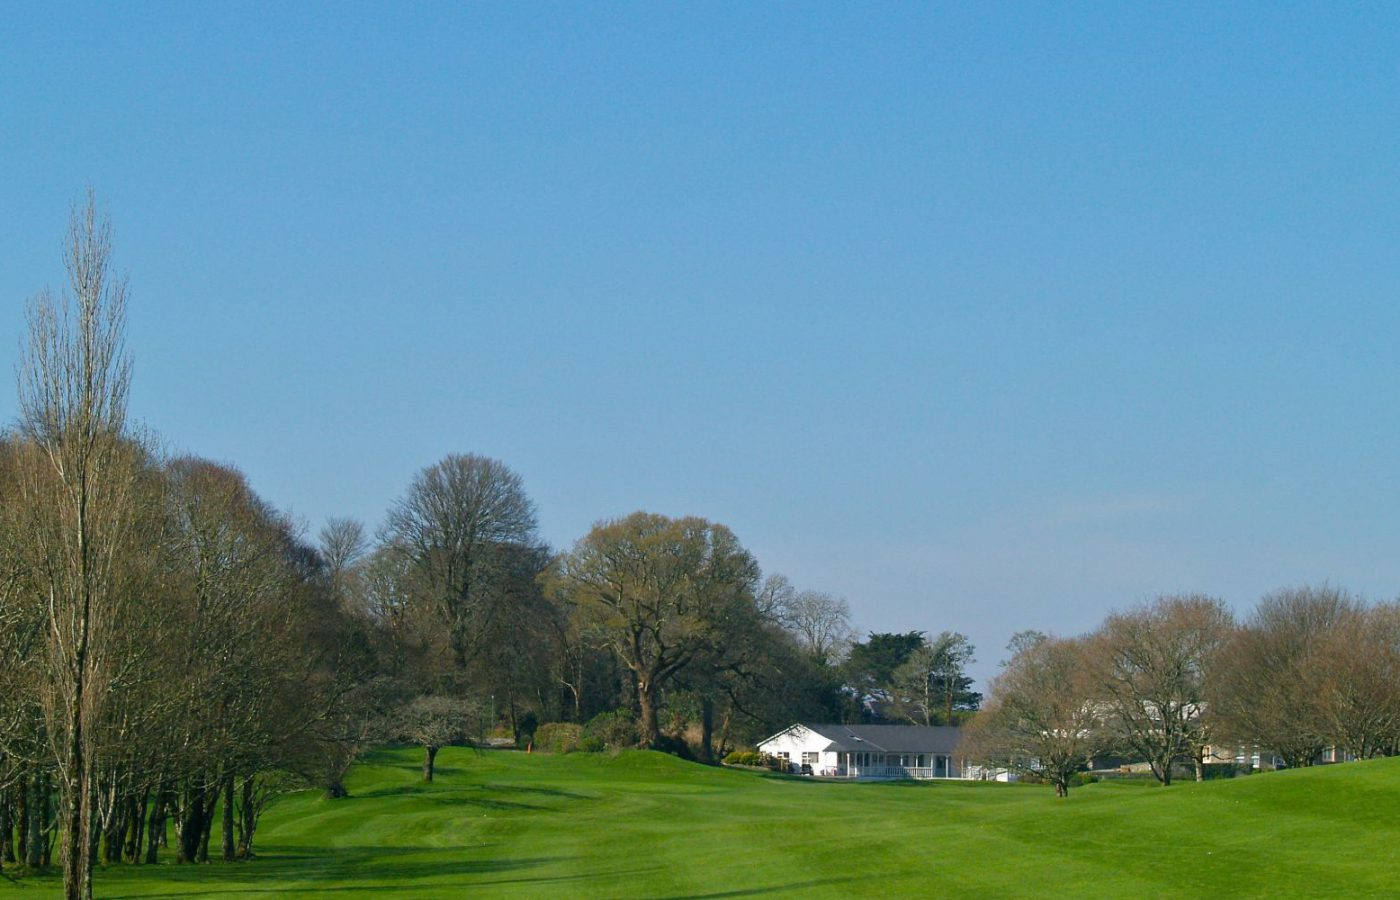 18th Fairway - Kenmare Golf Club